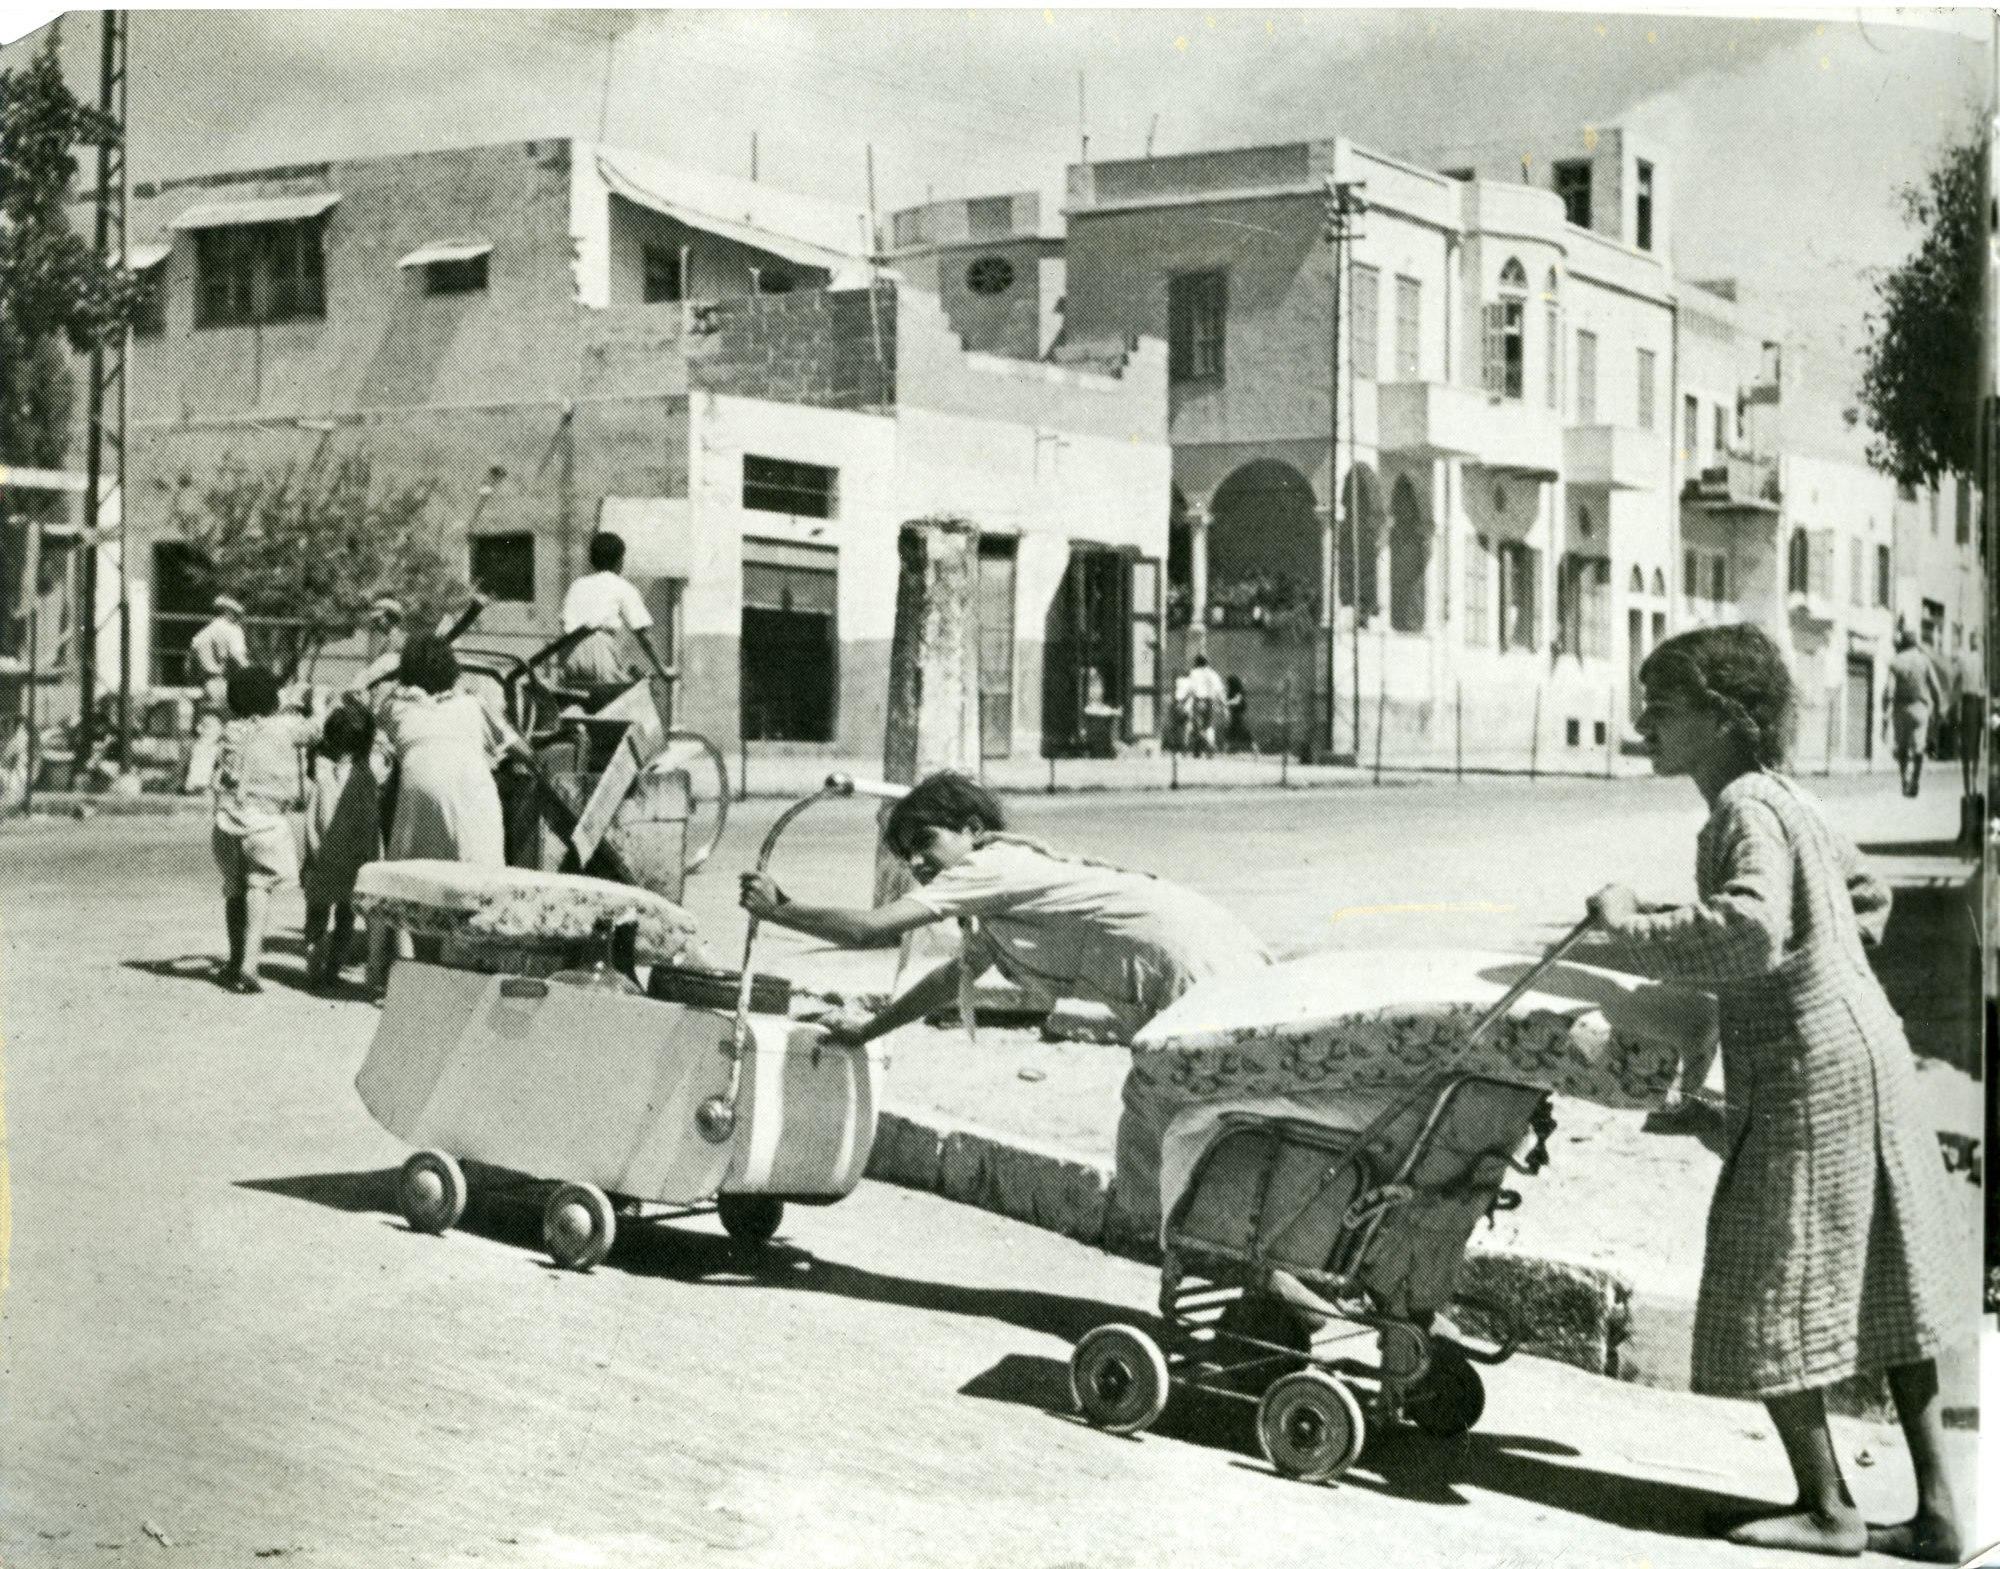 Palestinians fleeing Jaffa with their belongings, 1948.  [1]